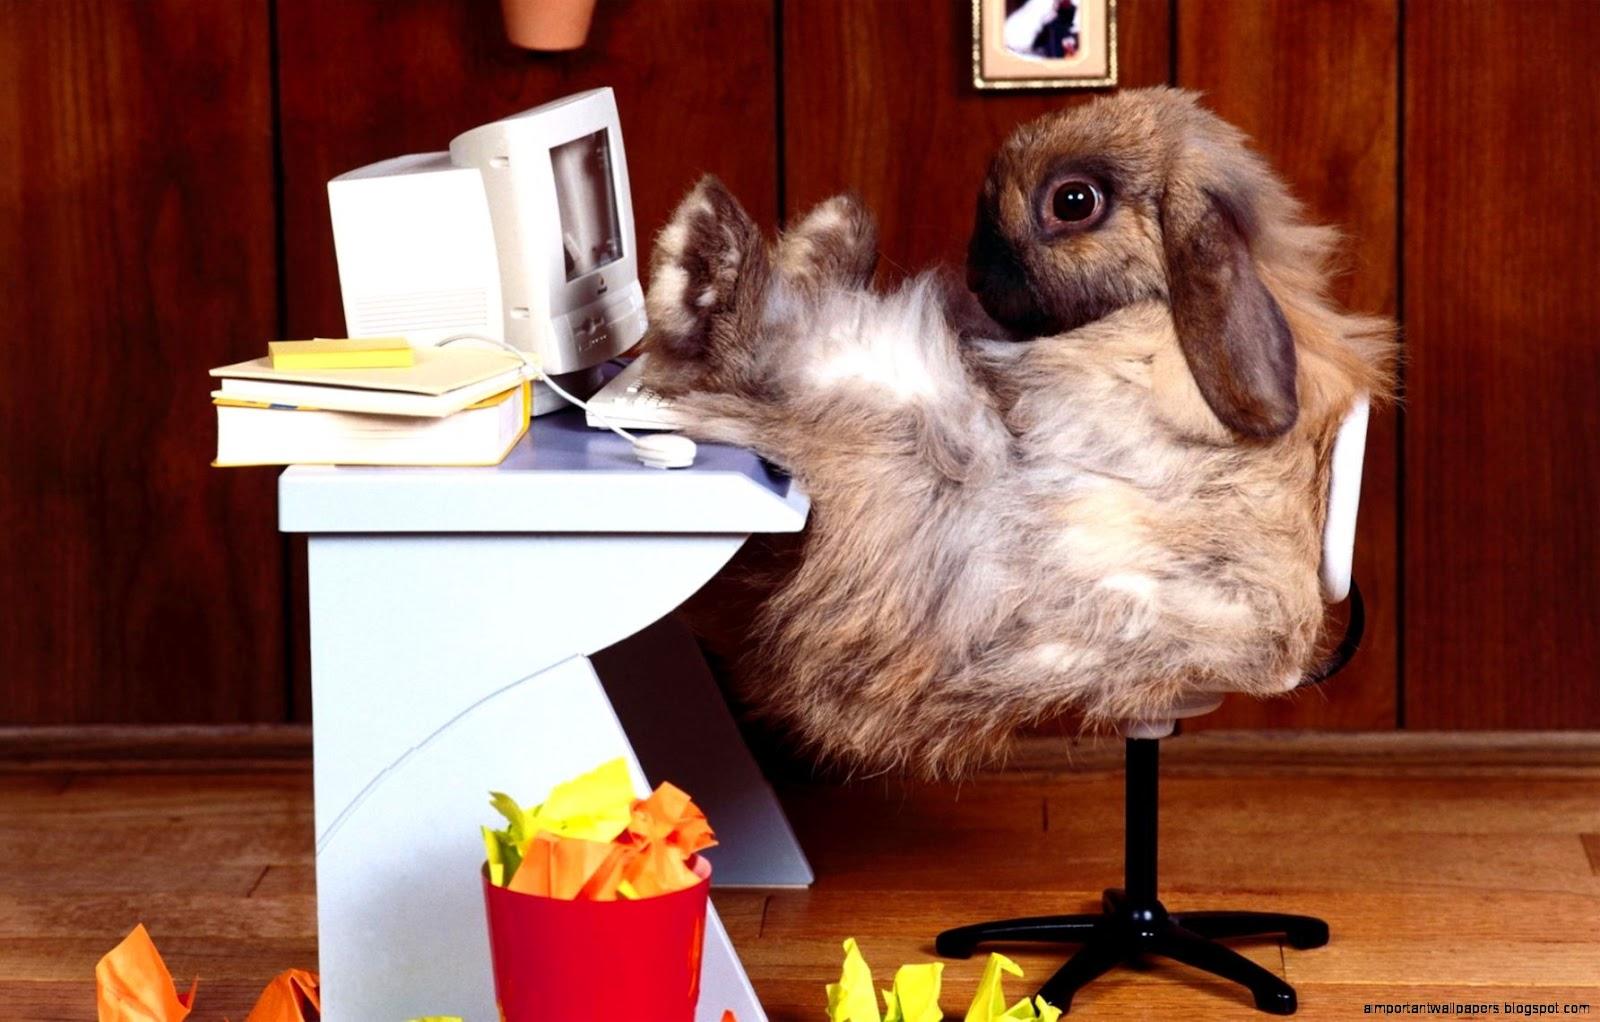 http://3.bp.blogspot.com/-hknVYfUdnqA/V2OAoiKnxwI/AAAAAAAAqN4/D4T0AG7U_lo9Xs2KV4YqcbGzDUPjKMTGACHM/s1600/funny-rabbit.jpg